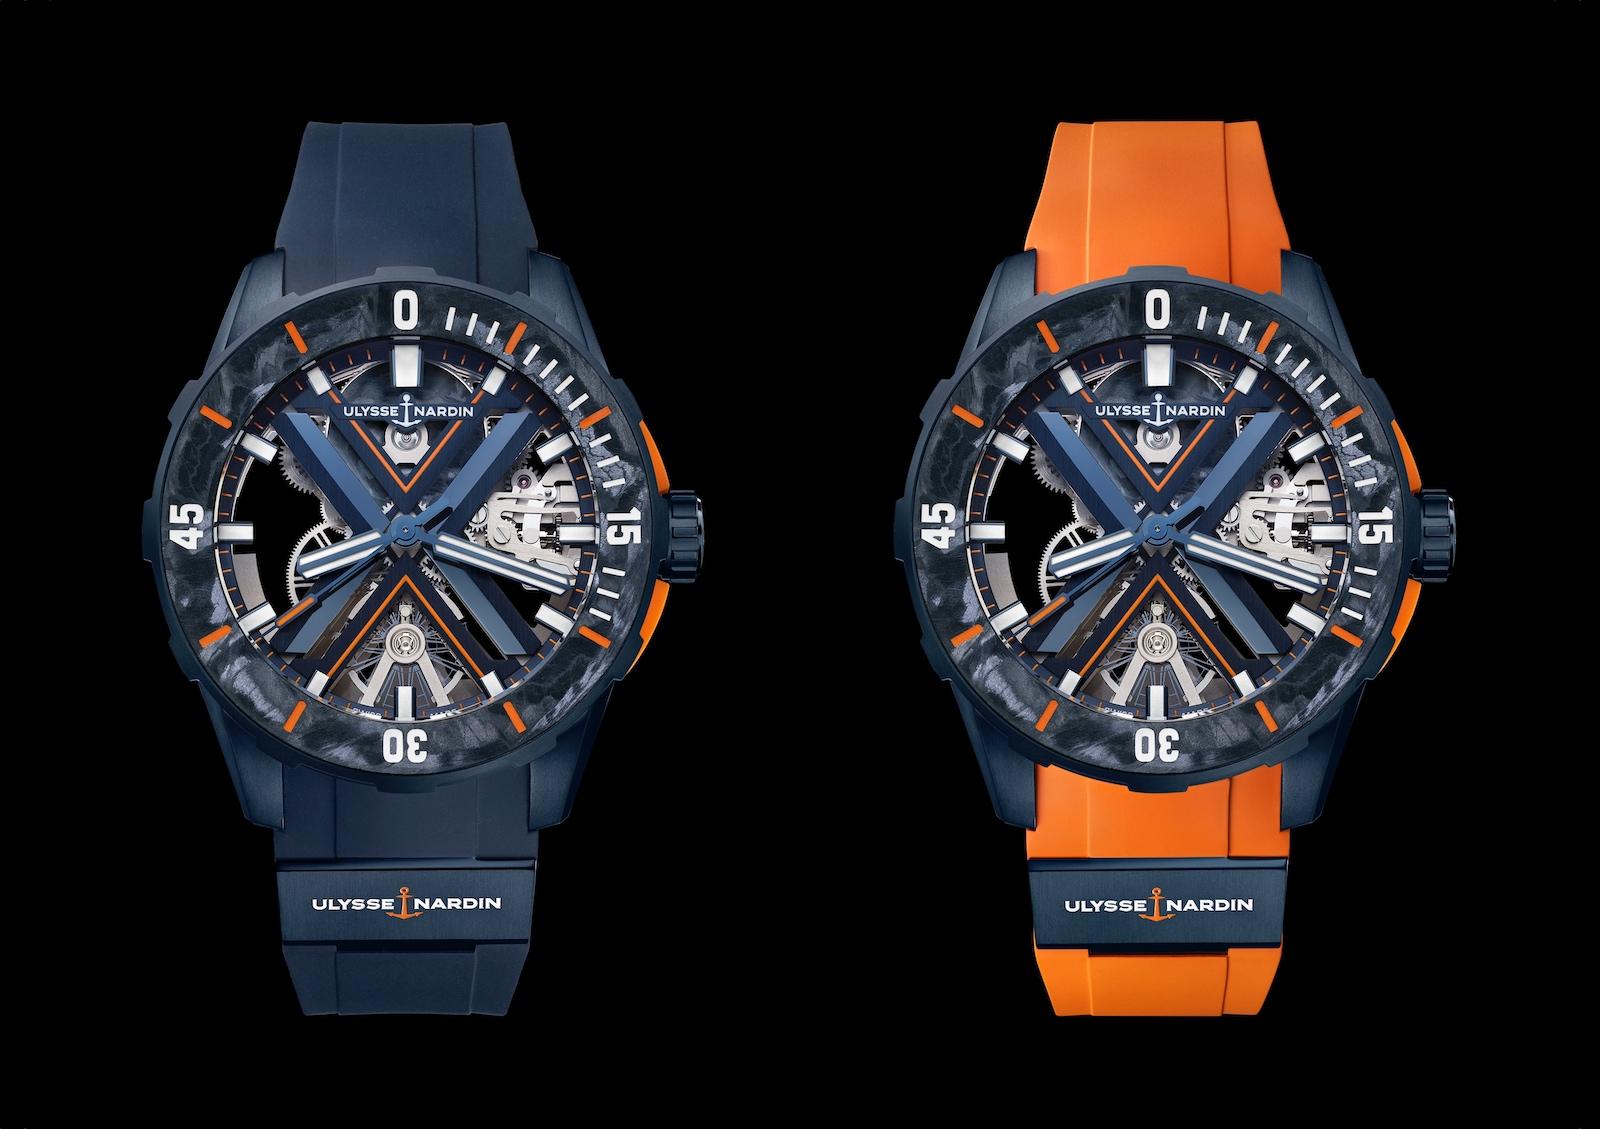 Ulysse Nardin en Watches and Wonders 2021 - Diver-X Skeleton DUO